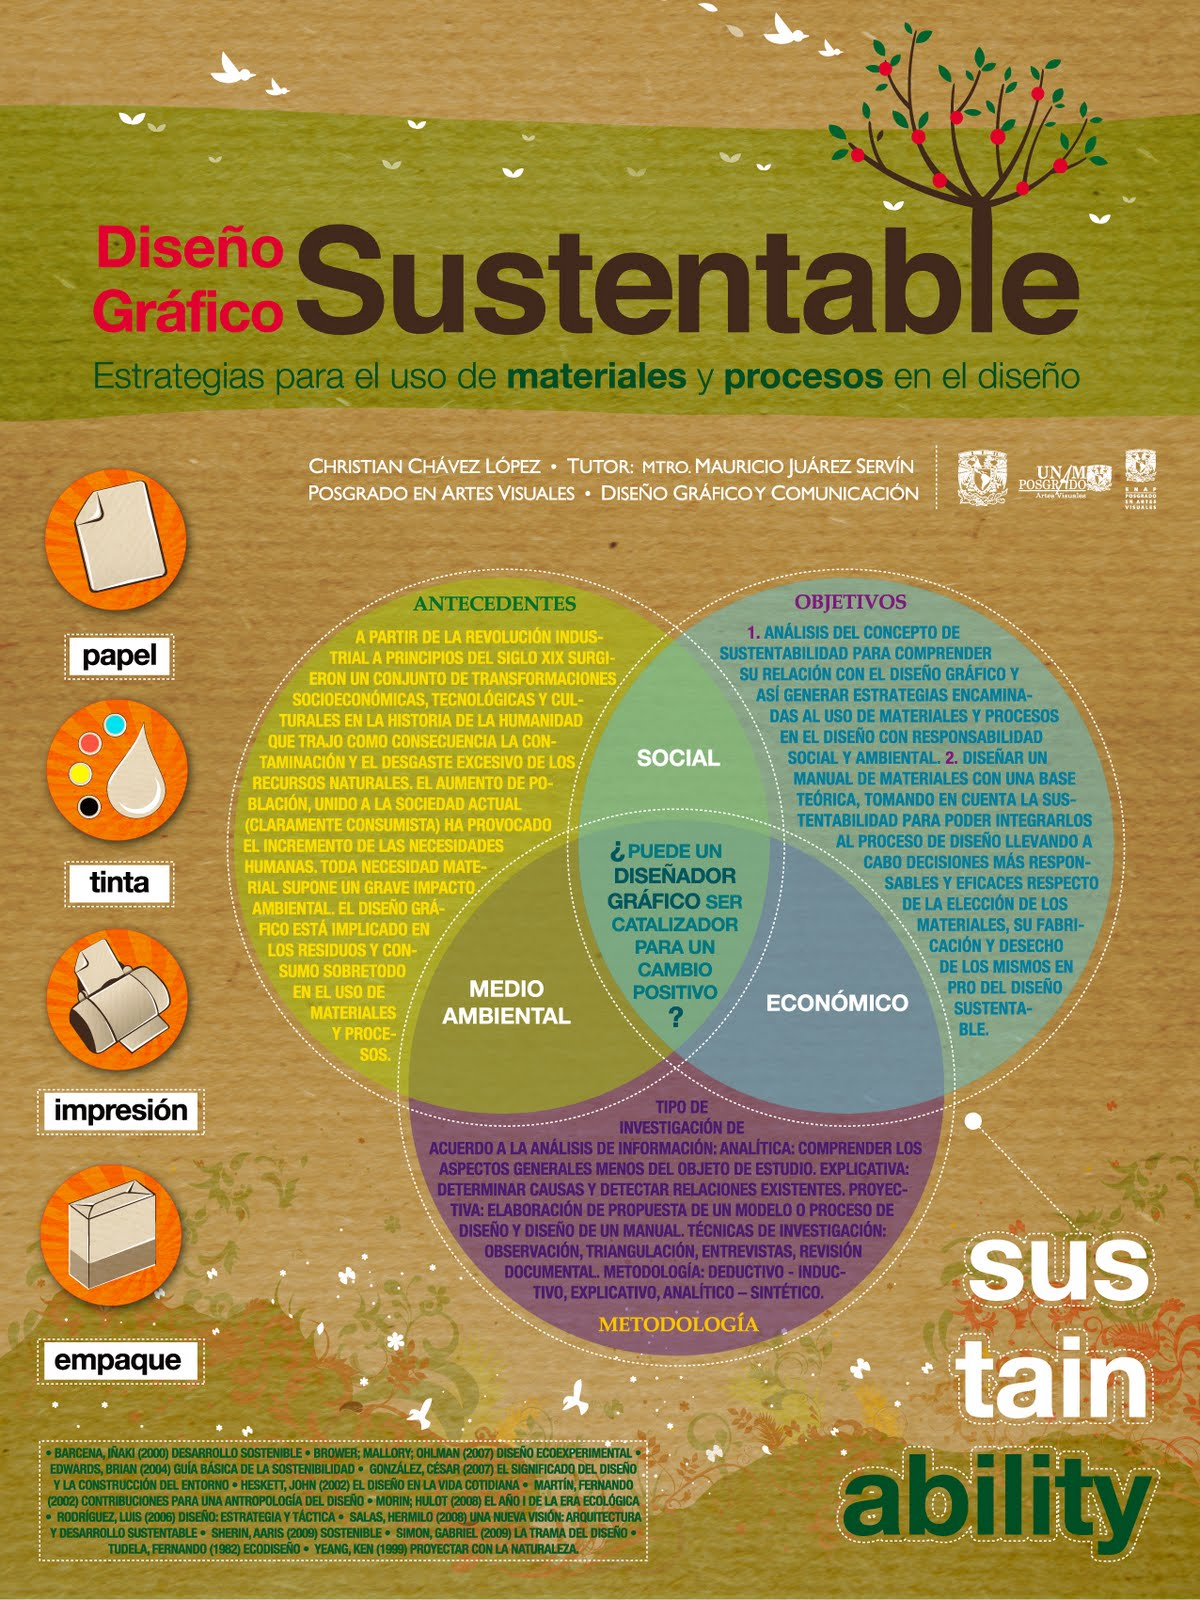 chrysa   dise u00f1o gr u00e1fico sustentable  coloquio de estudiantes